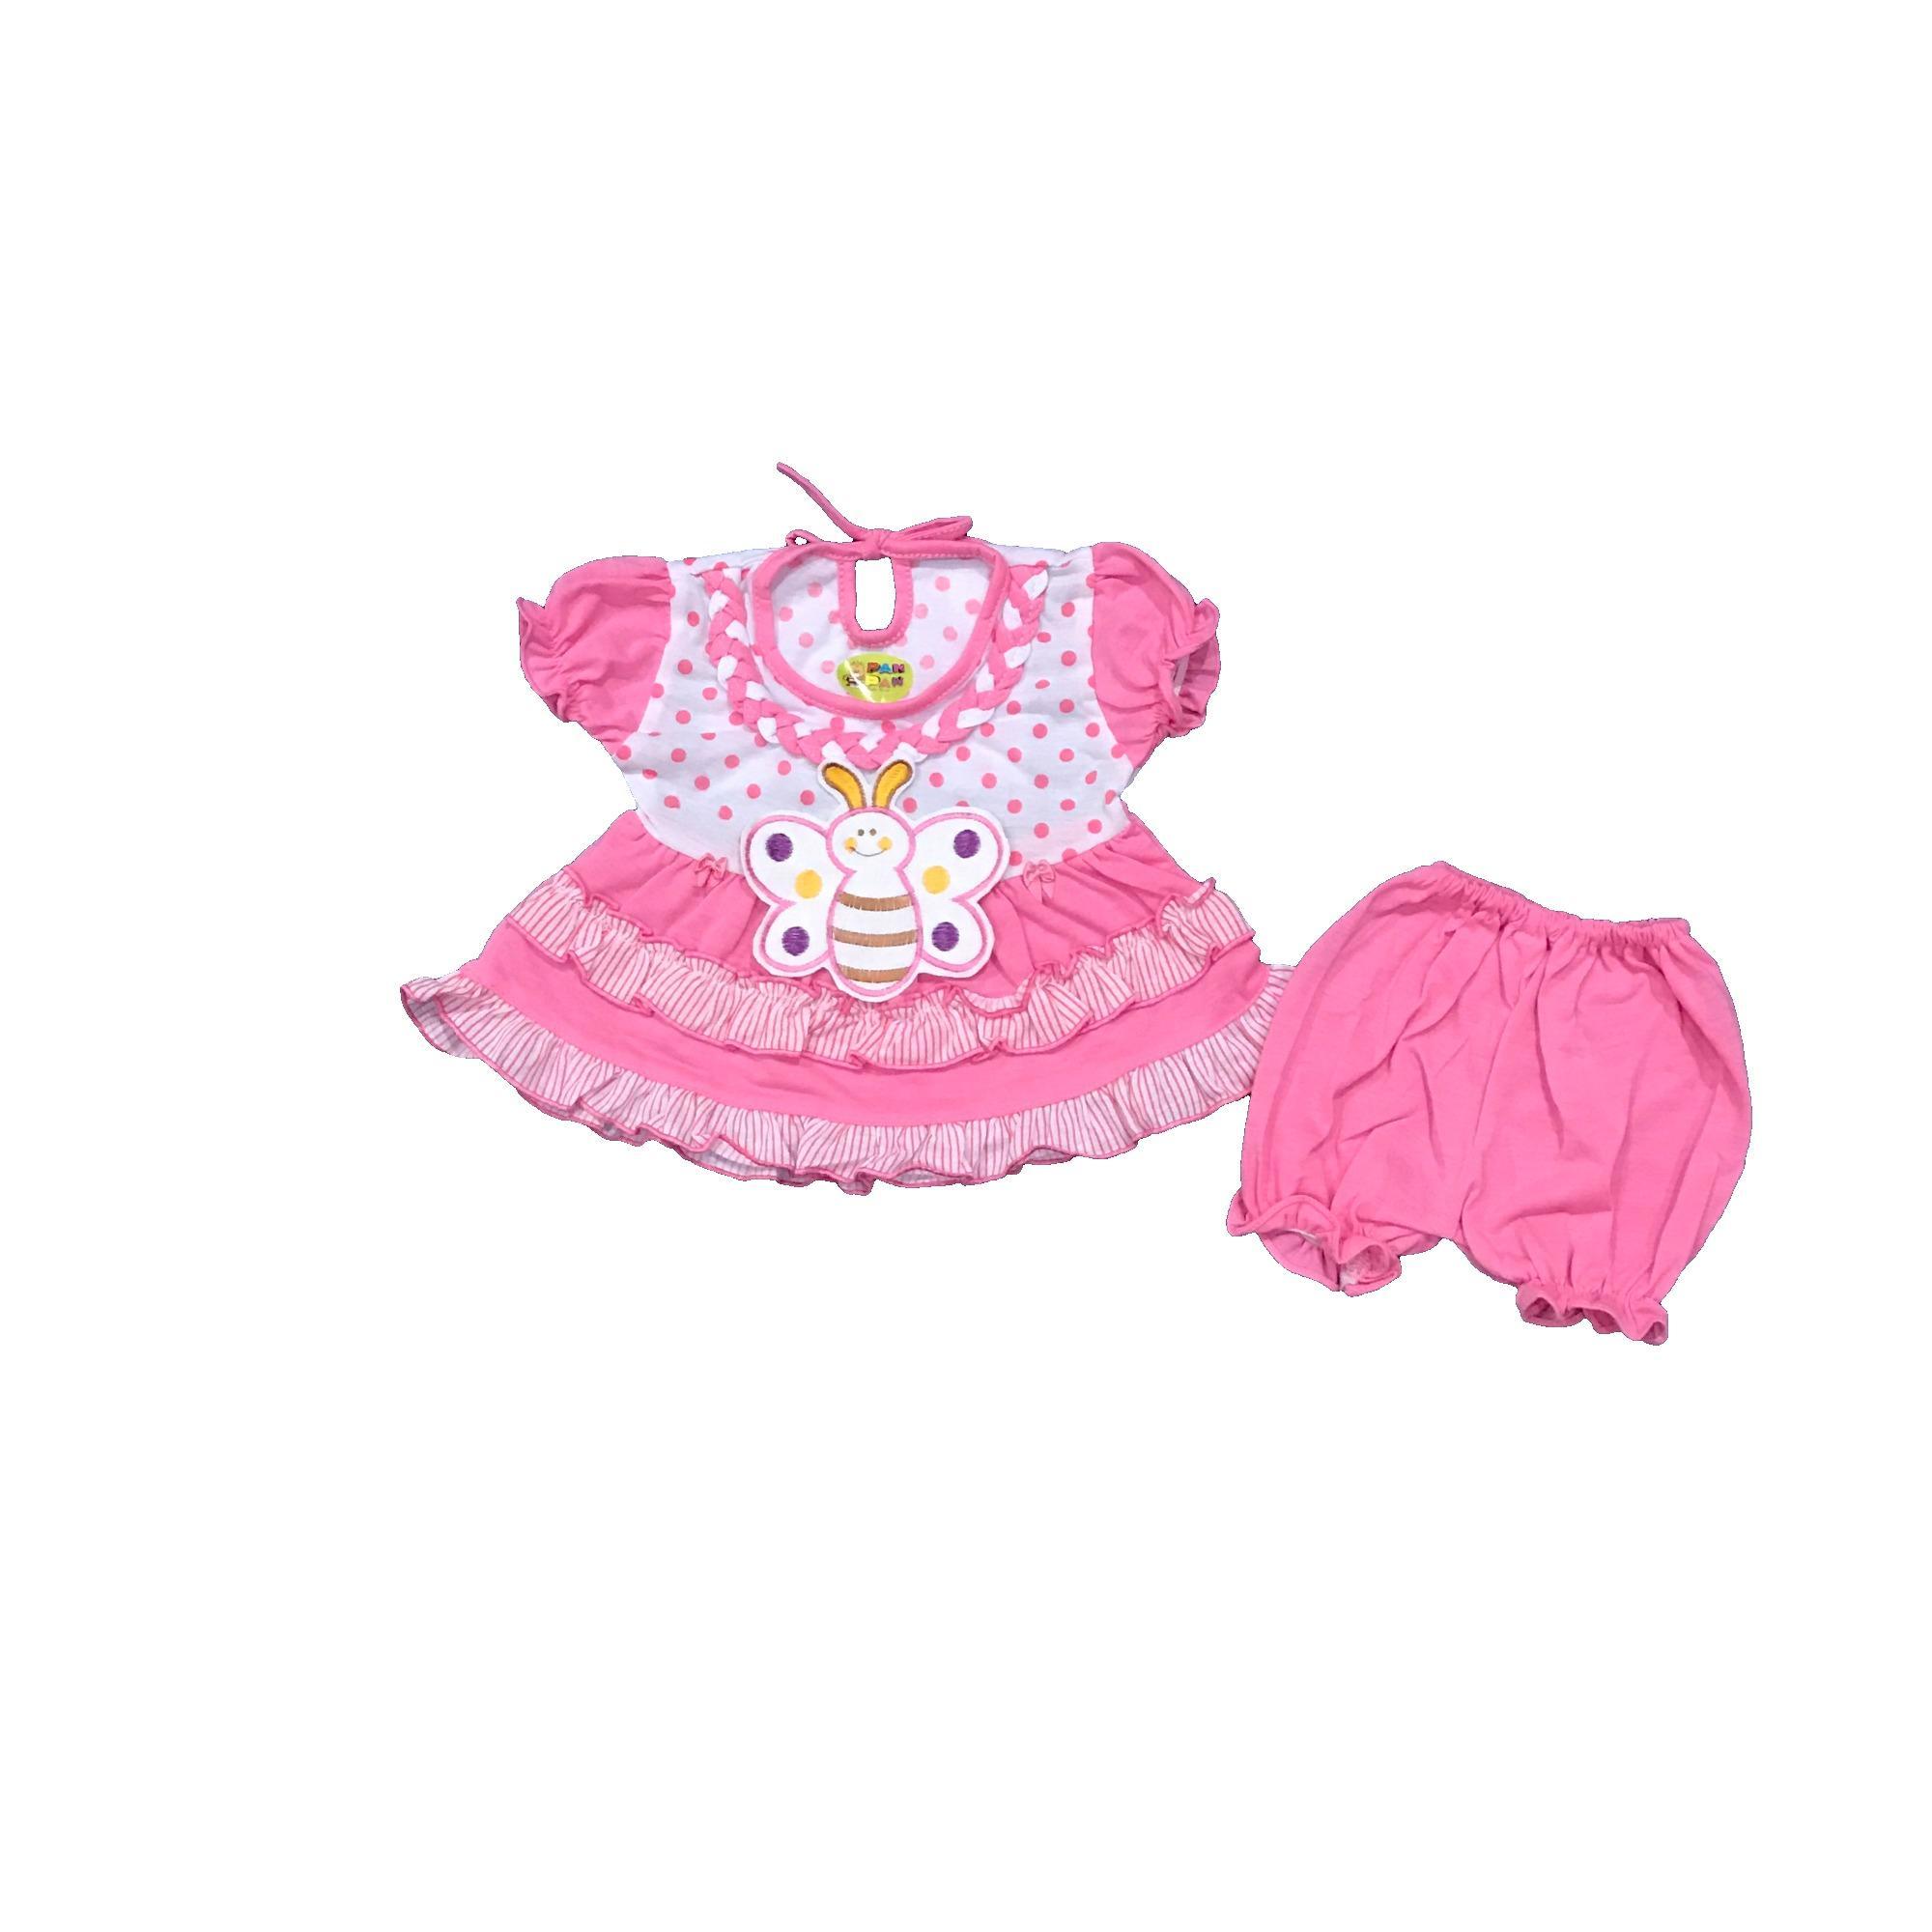 BAYIe - Setelan Baju bayi Perempuan motif KUPU-KUPU PAN-PAN usia 0-